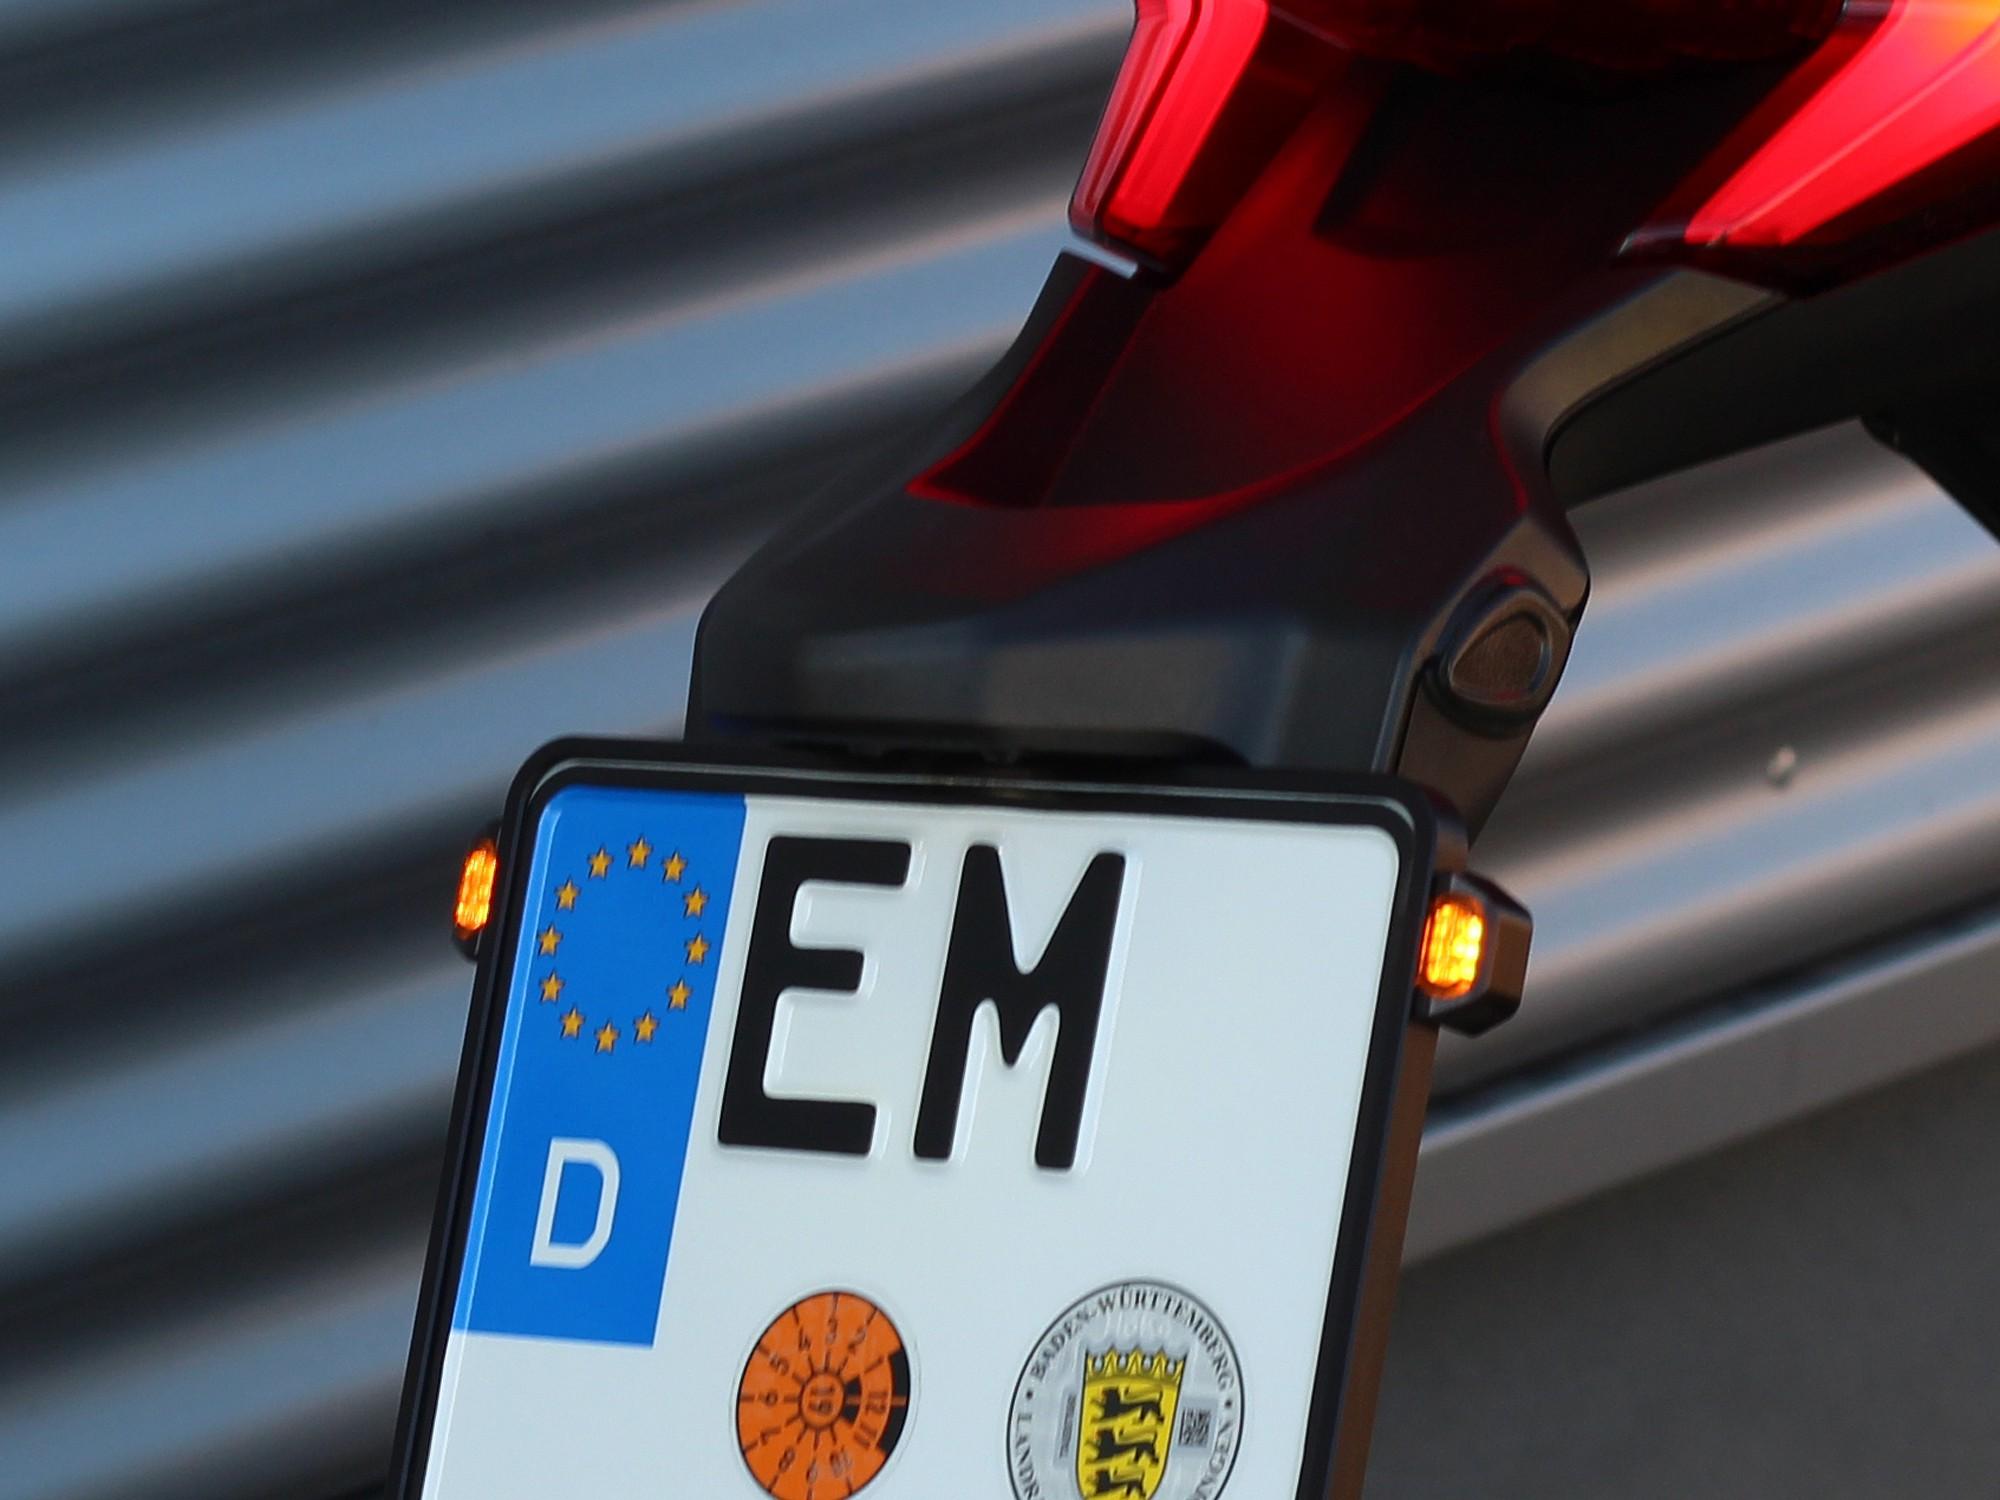 LED Blinker Modul für Kennzeichenrahmen